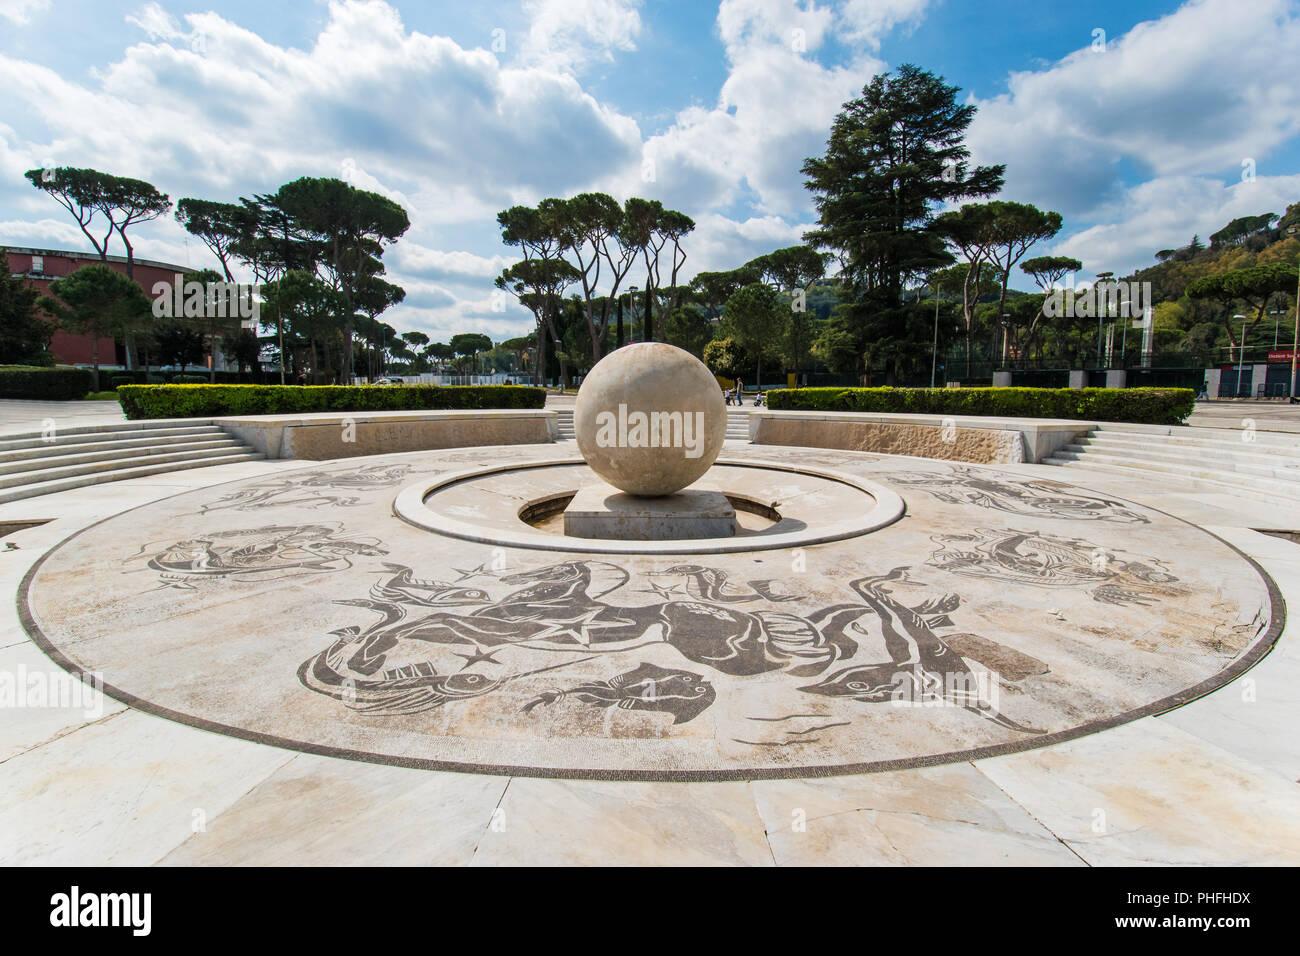 Roma, Italia - l'Olimpico e monumentali di Stadio dei Marmi con statue in marmo e il palazzo della Farnesina, nella capitale d'Italia. Immagini Stock